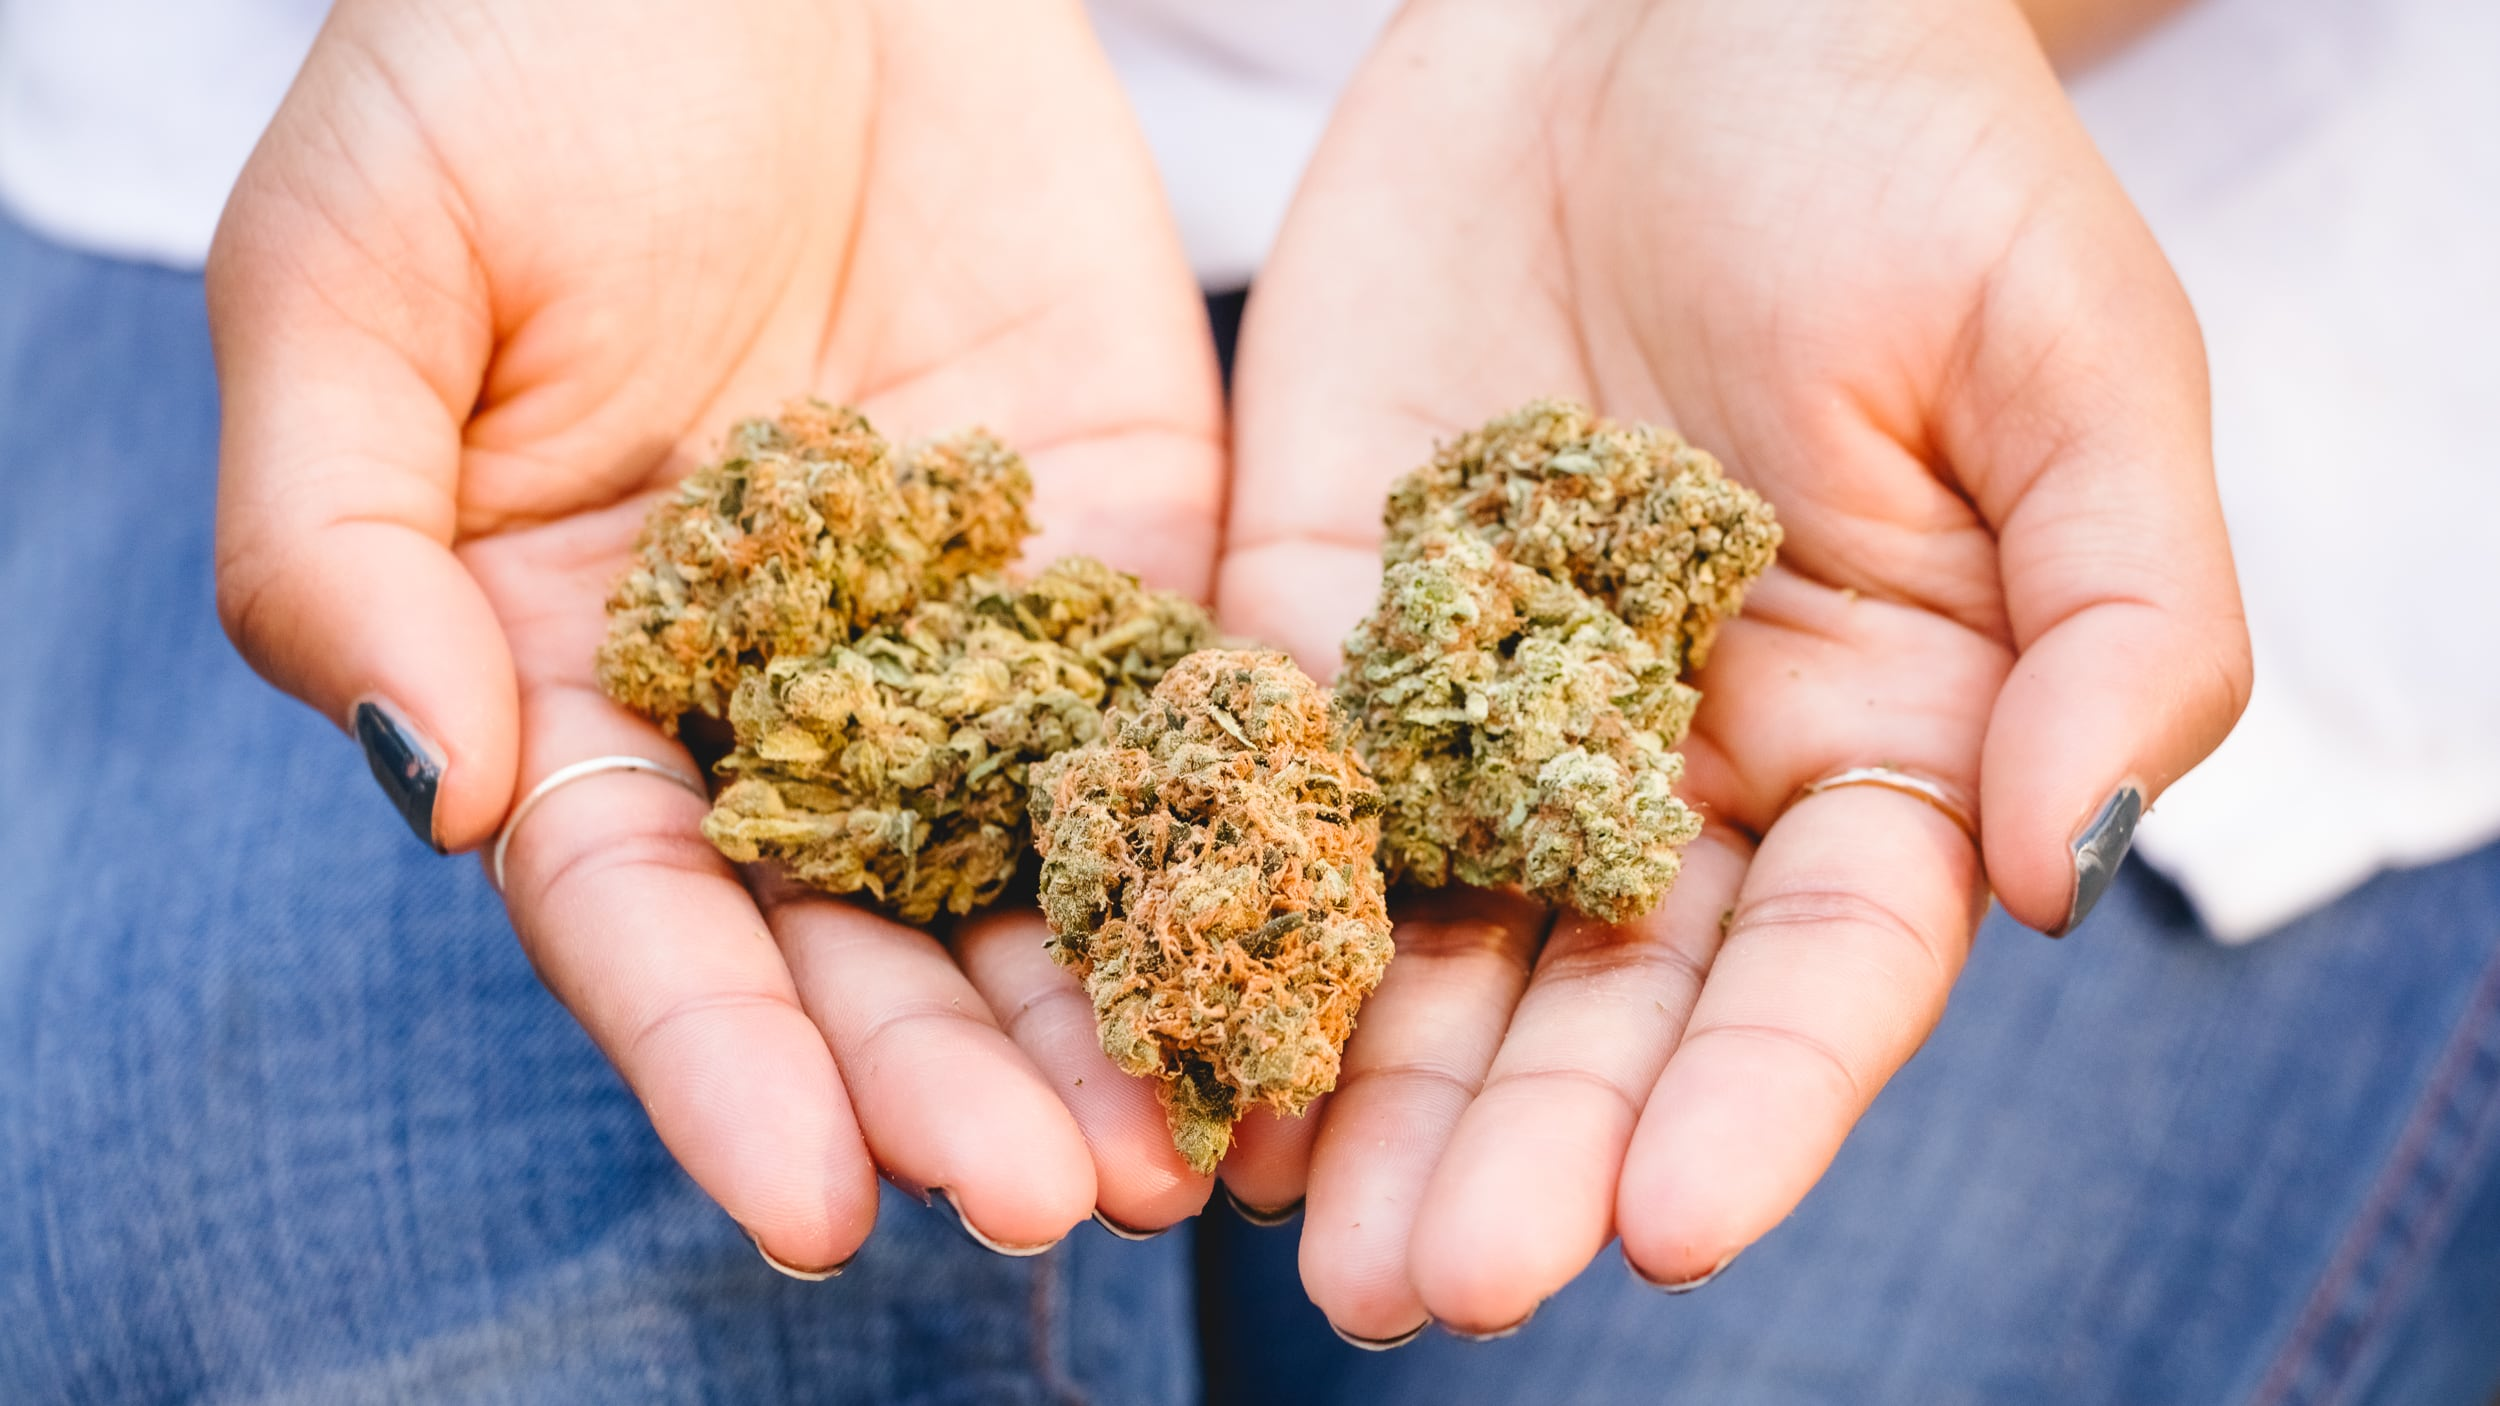 Nuggets of marijuana in hands.